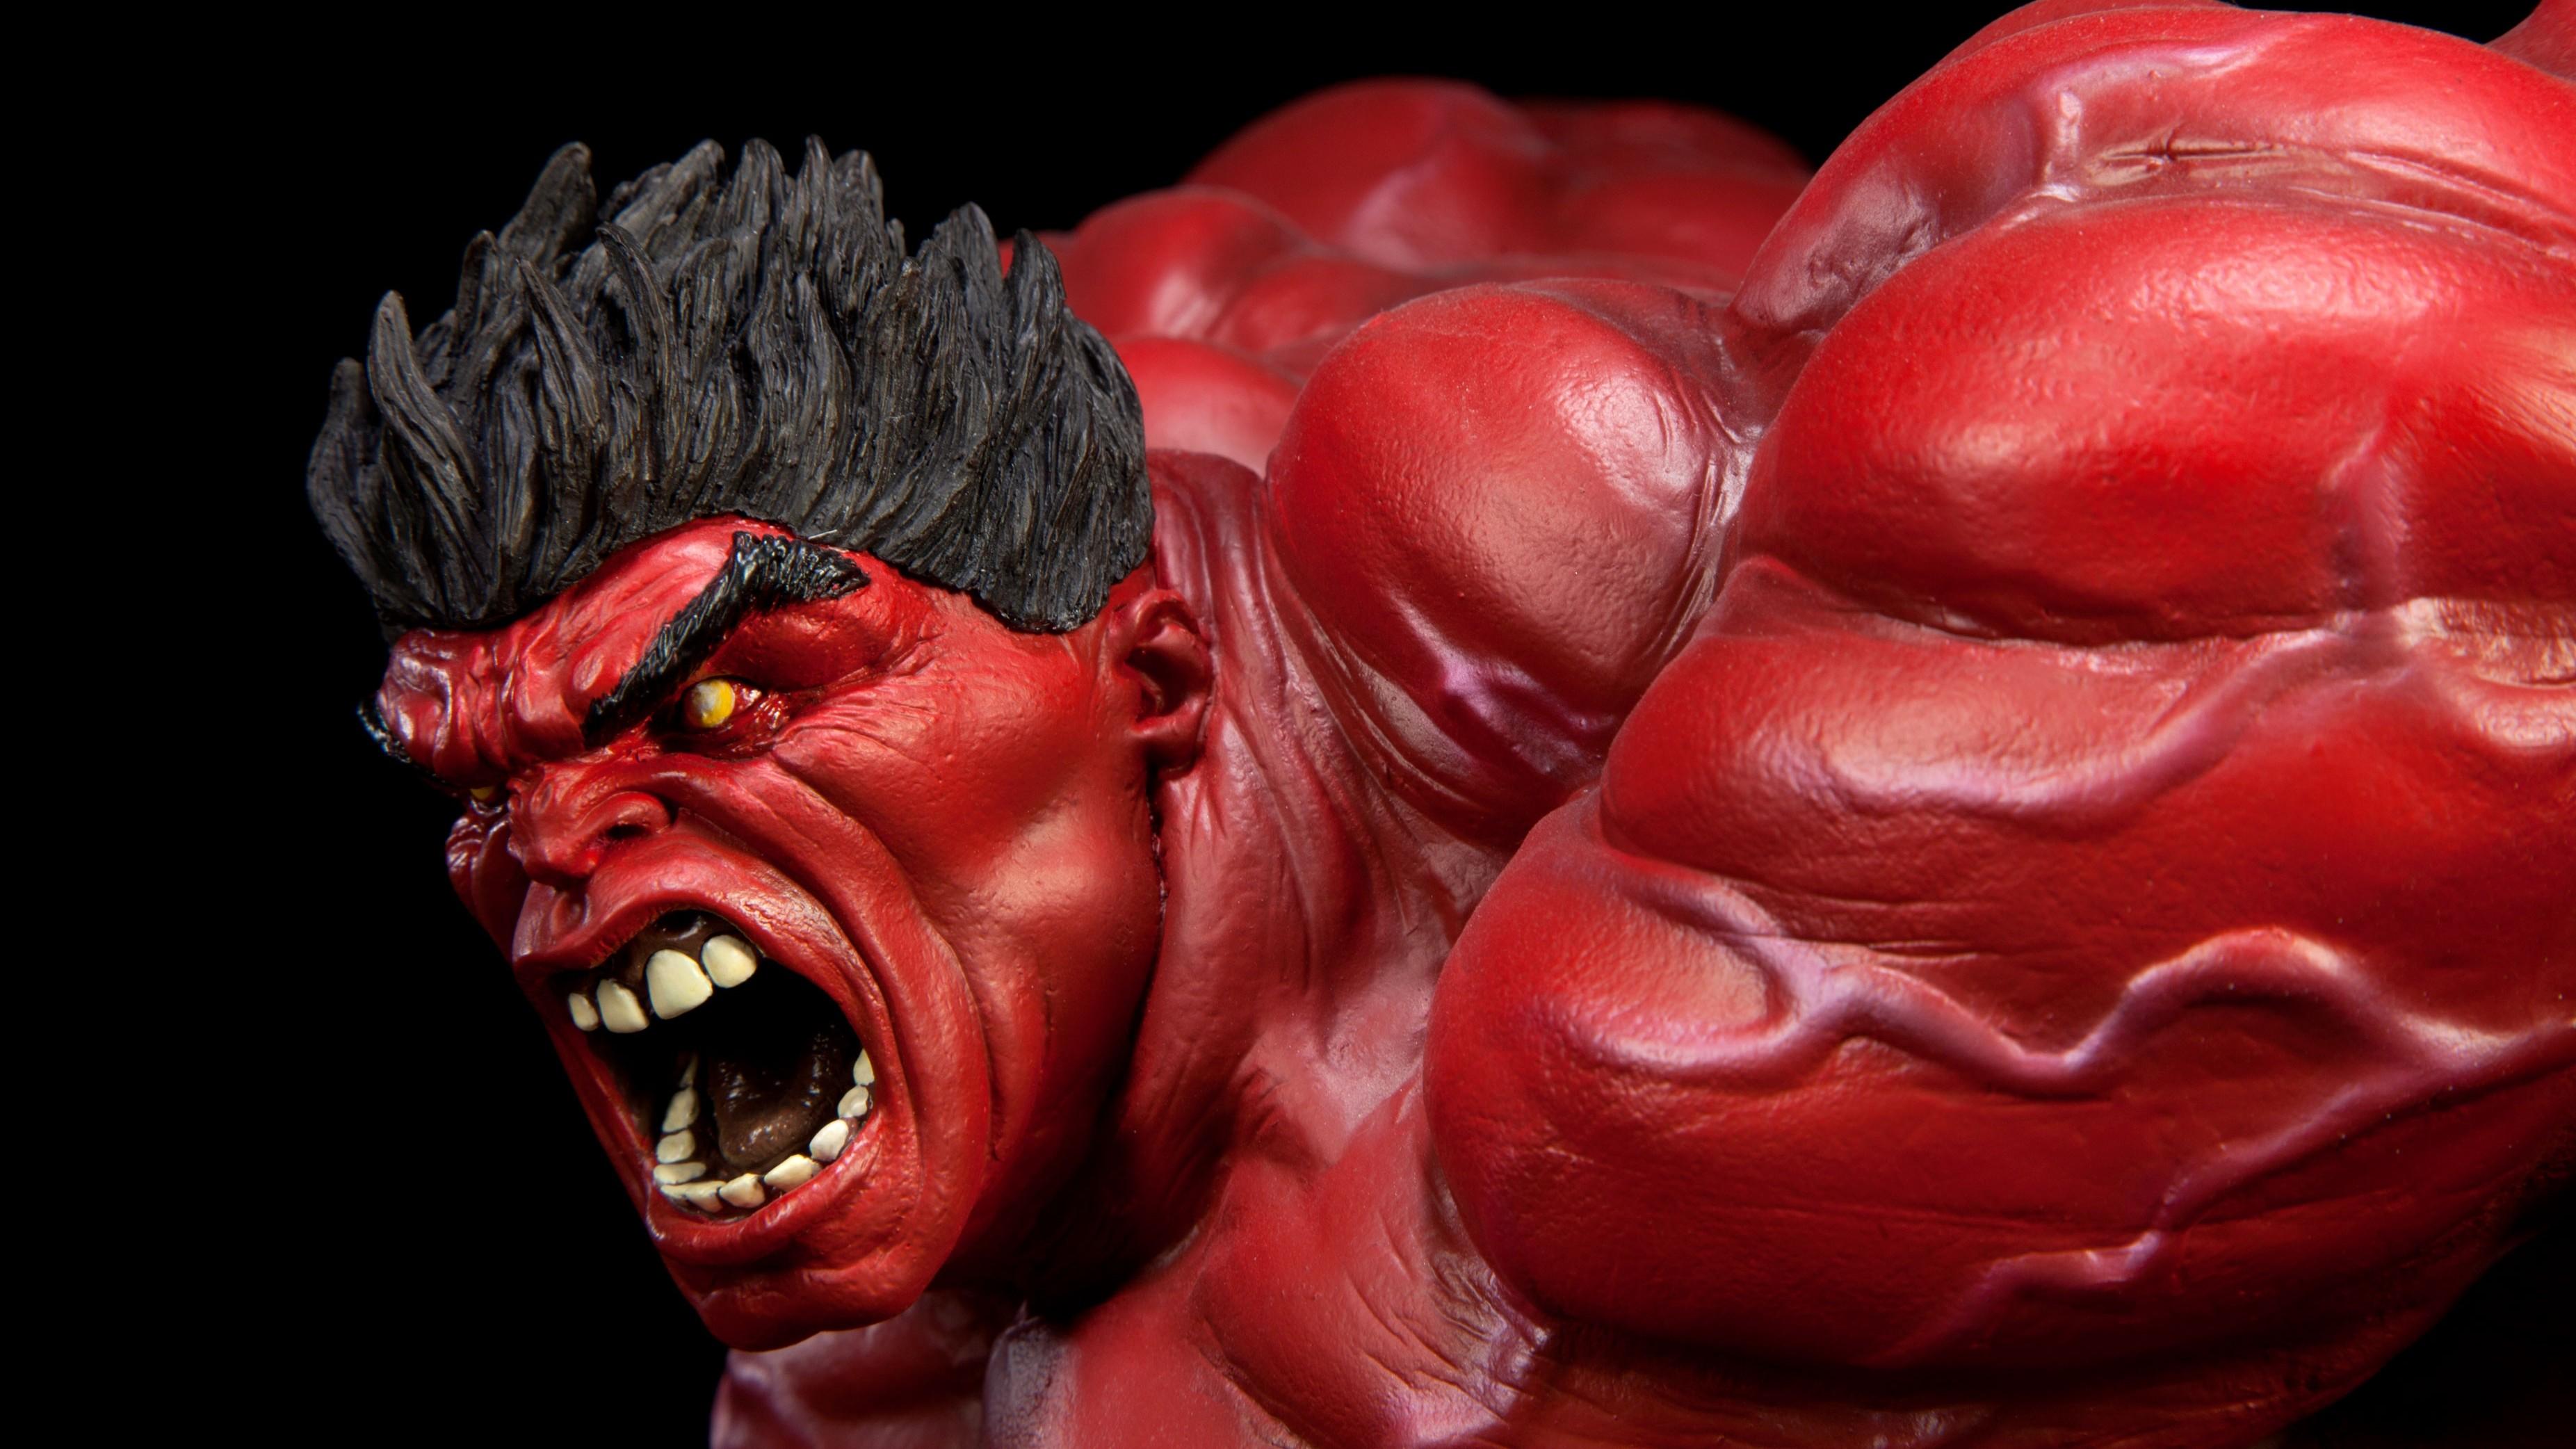 Res: 3705x2084, Red Hulk Wallpaper HD 18 - 3705 X 2084